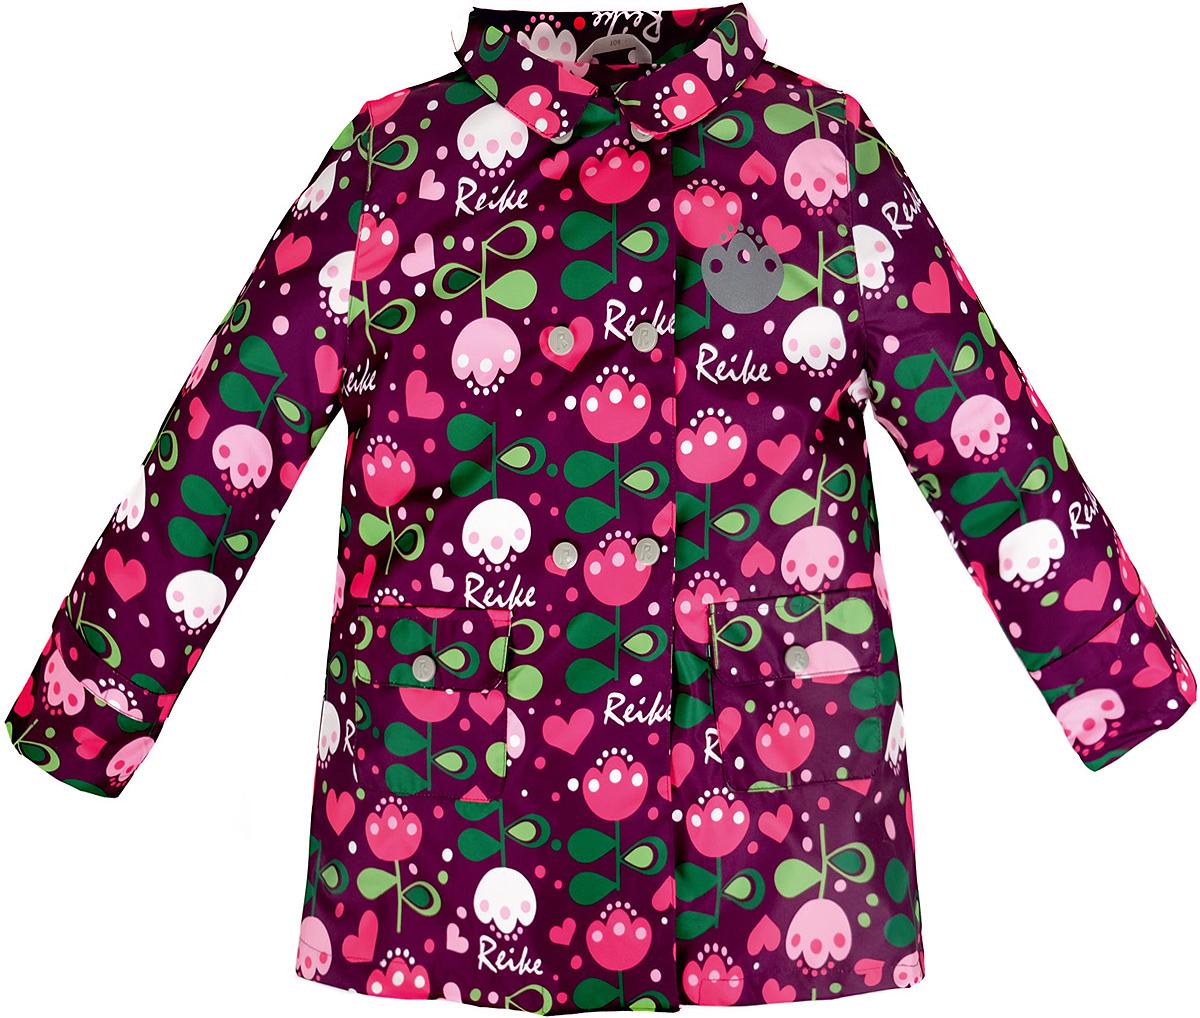 Куртка для девочки Reike Тюльпан, цвет: бордовый. 36939003. Размер 110, 5 лет36 939 003_Tulip bordeauxСтильная куртка для девочки Reike Тюльпан выполнена из ветрозащитного, водоотталкивающего и дышащего материала с подкладкой из микрофлиса, обеспечивающей дополнительный комфорт. Расклешенная модель в ретро-стиле выполнена с имитацией двубортной застежки на кнопках и дополнена двумя накладными карманами с клапанами. В виде интересного акцента выступают отложной воротник, ремешки на рукавах и складка на спинке. Изделие оснащено светоотражающим элементоми оформлено ярким цветочным принтом в стиле серии. Особенности изделия:- базовый уровень; - коэффициент воздухопроницаемости: 2000гр/м2/24 ч;- водоотталкивающее покрытие: 2000 мм.